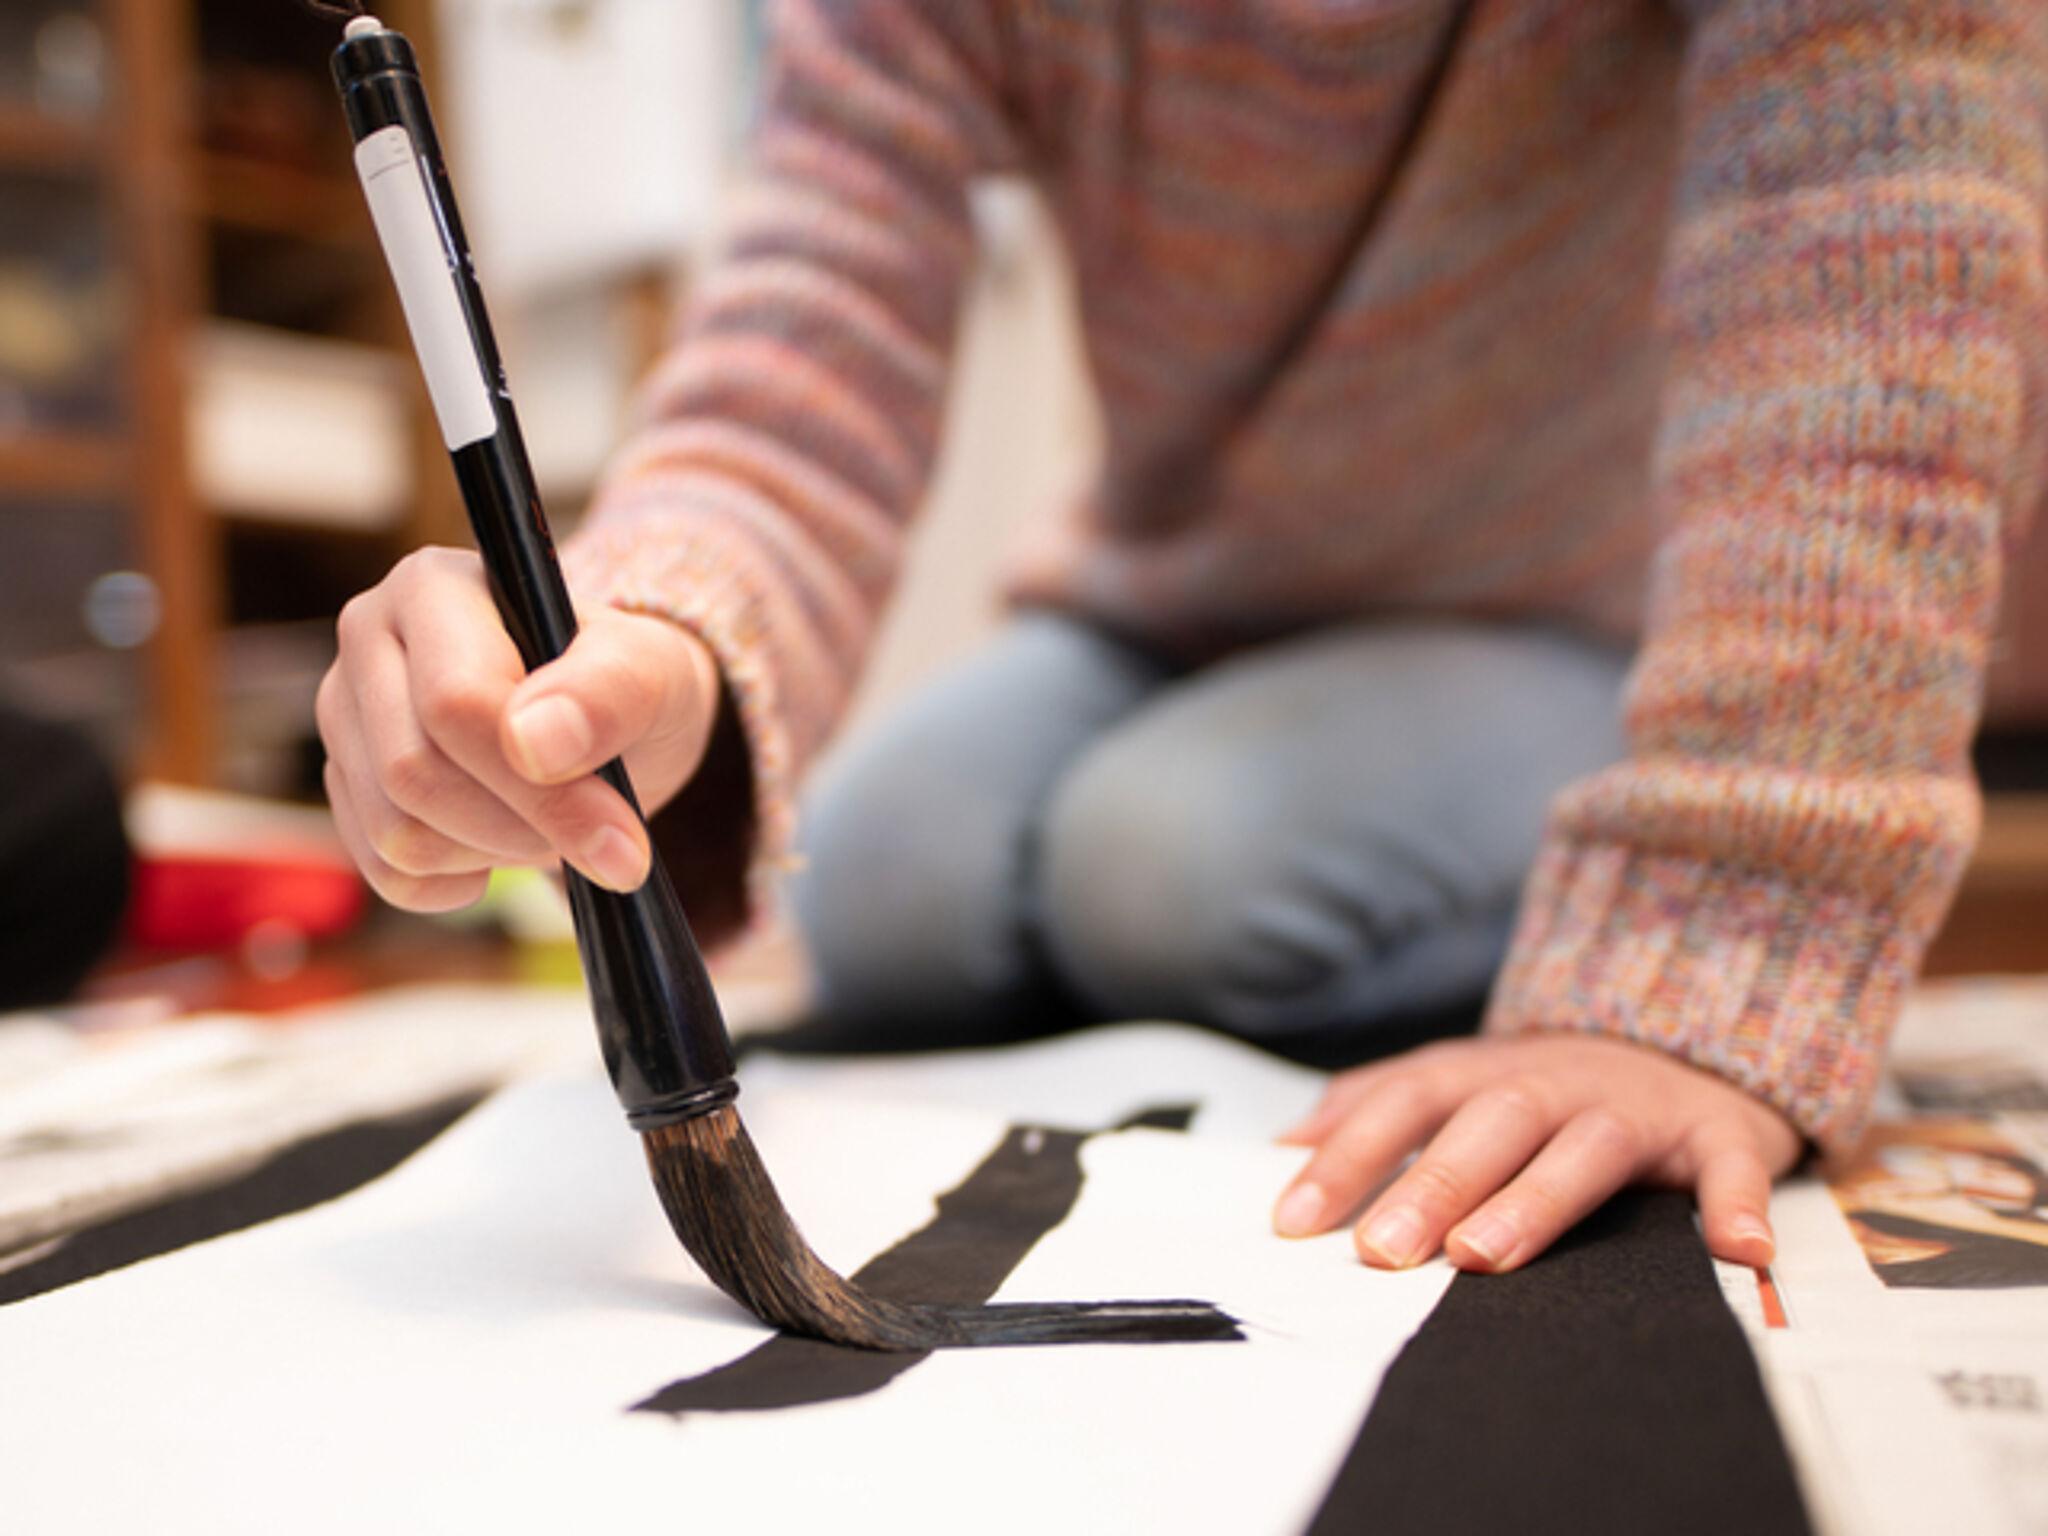 毛筆を練習している子どもの画像